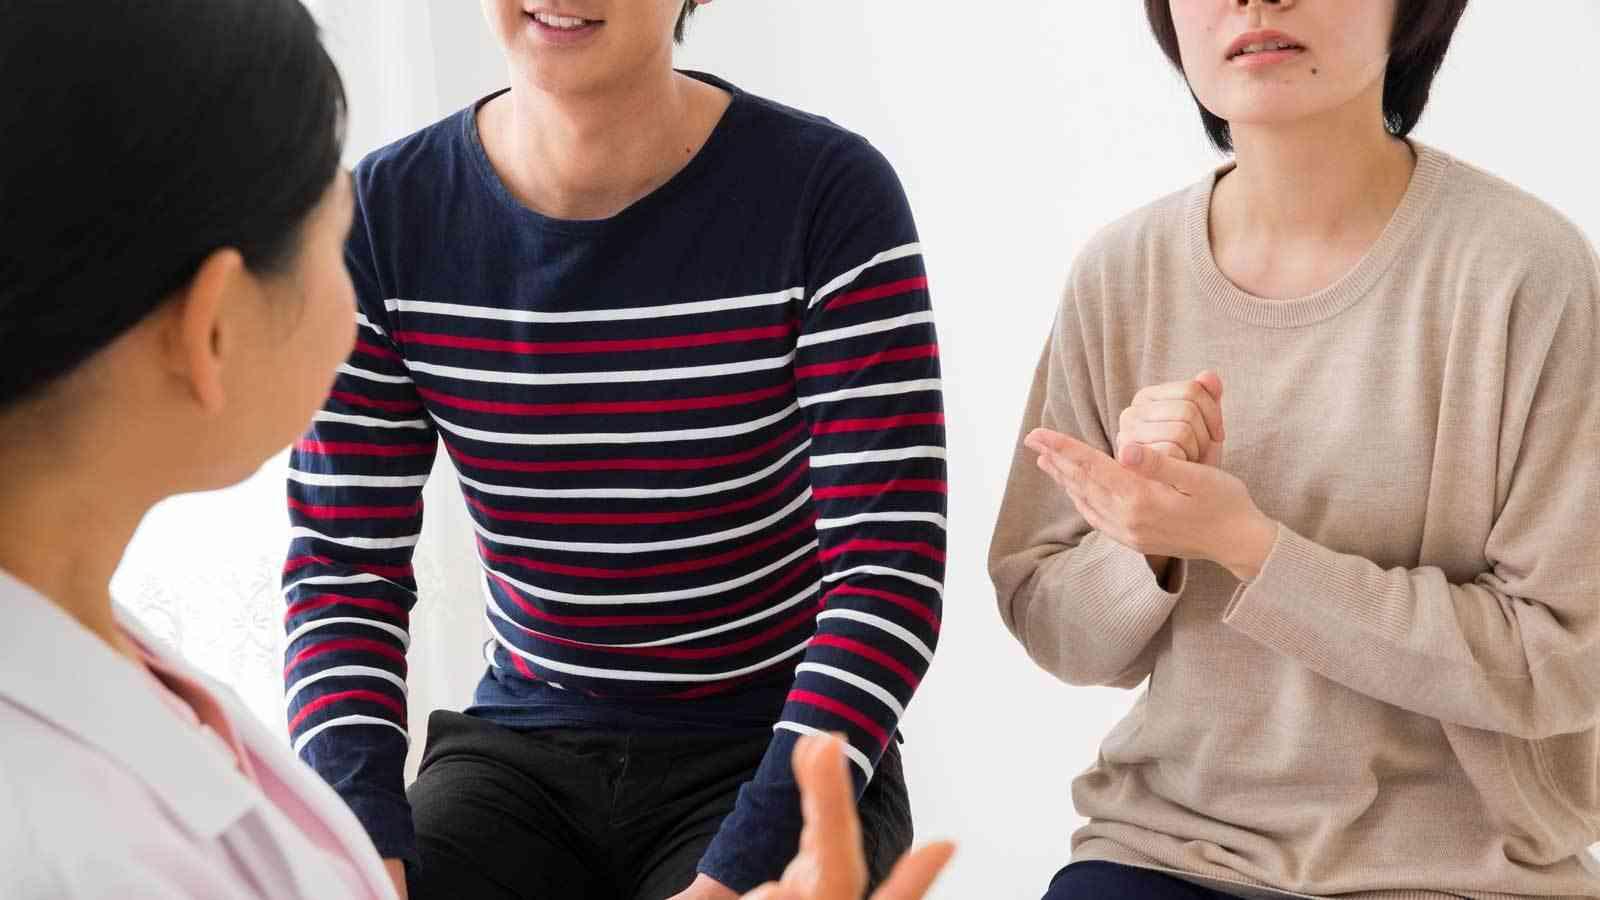 日本の不妊治療が妊娠しにくい根本的な理由 | 健康 | 東洋経済オンライン | 経済ニュースの新基準